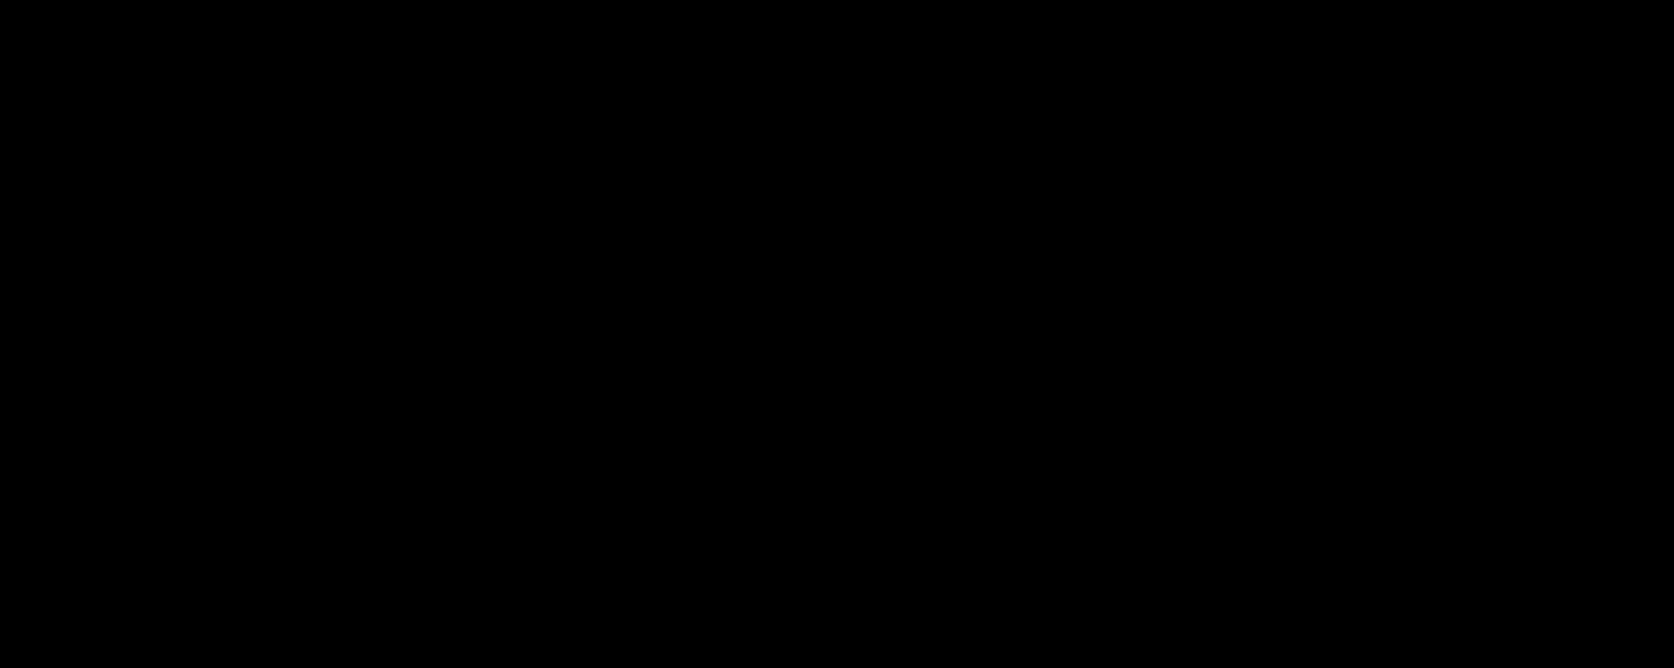 N-Benzyl Metaxalone-d<sub>7</sub>